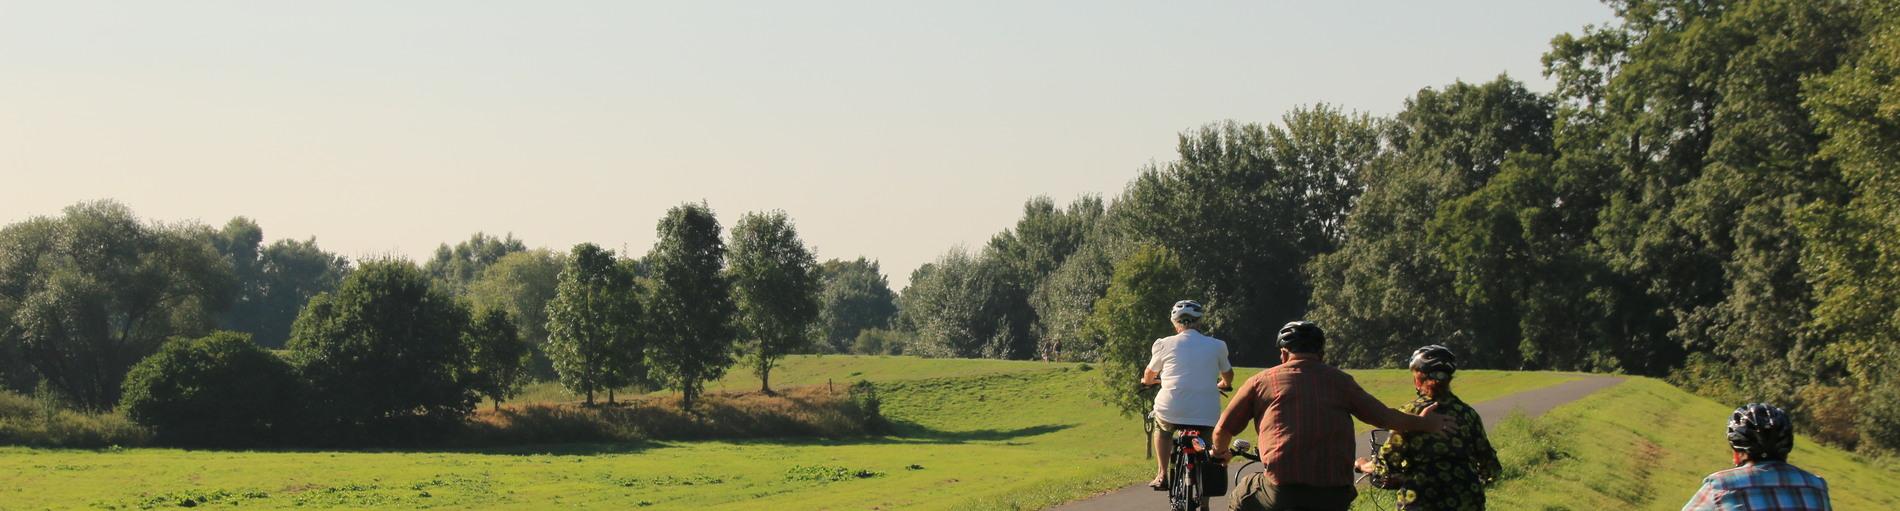 Vier Radfahrer auf dem Deich im Ortsteil Habenhausen